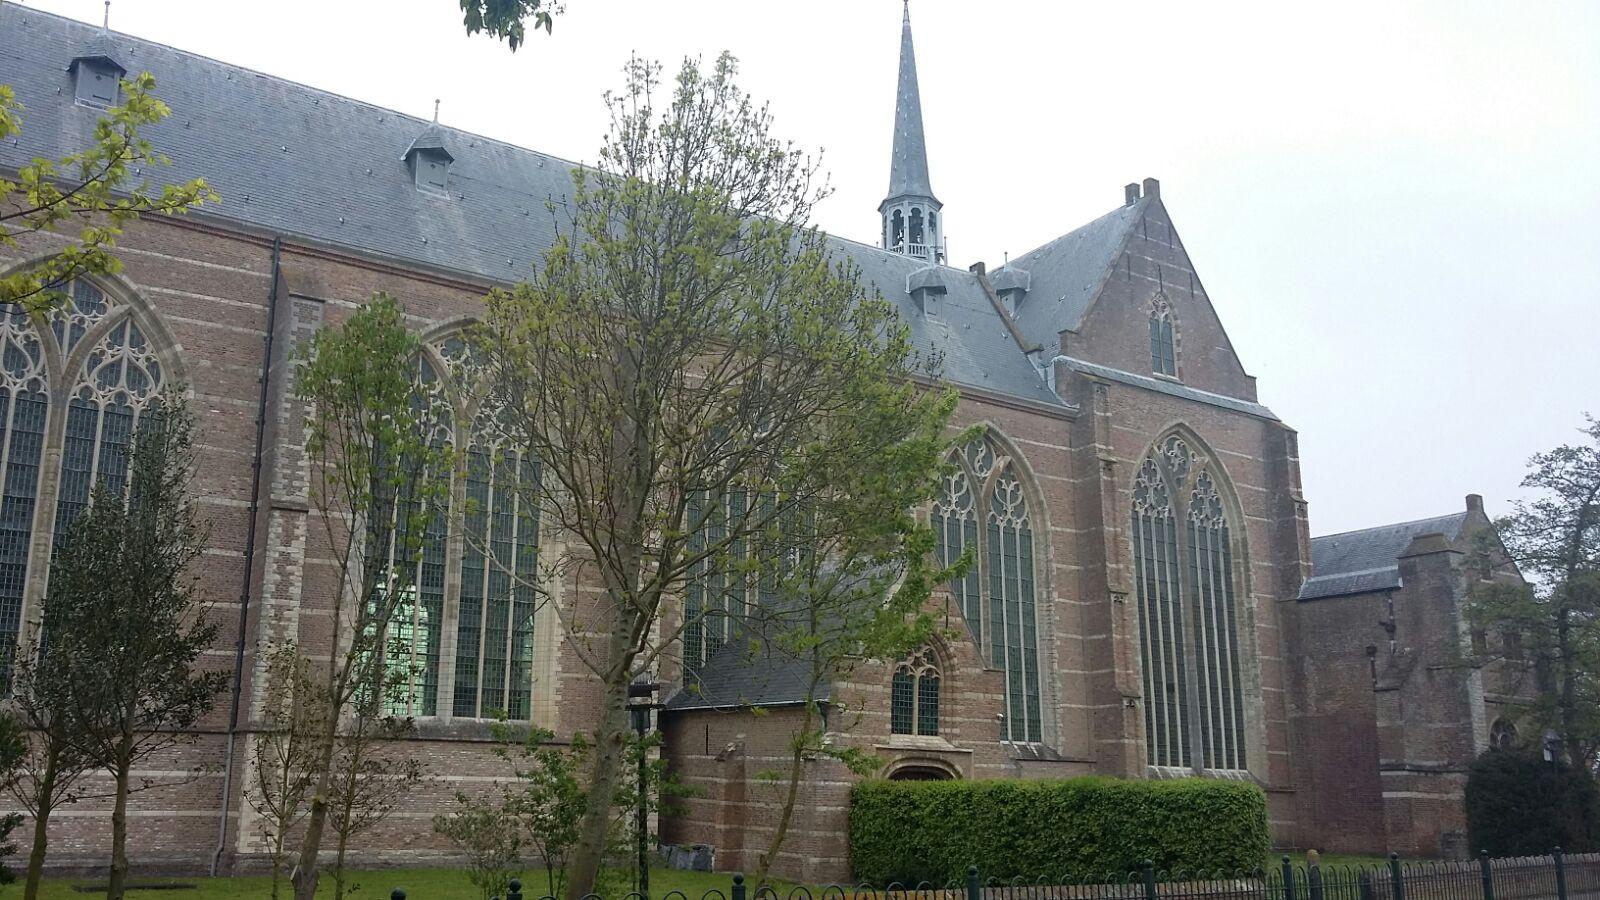 De Grote Kerk is de plek waar het verhaal over de Gouden Eeuw verteld moet worden. In de vorm van een vaste erfgoedpresentatie. Het is ook de plek waar het één en ander te doen zal zijn tijdens de manifestatie in september 'Dichter bij Cats'